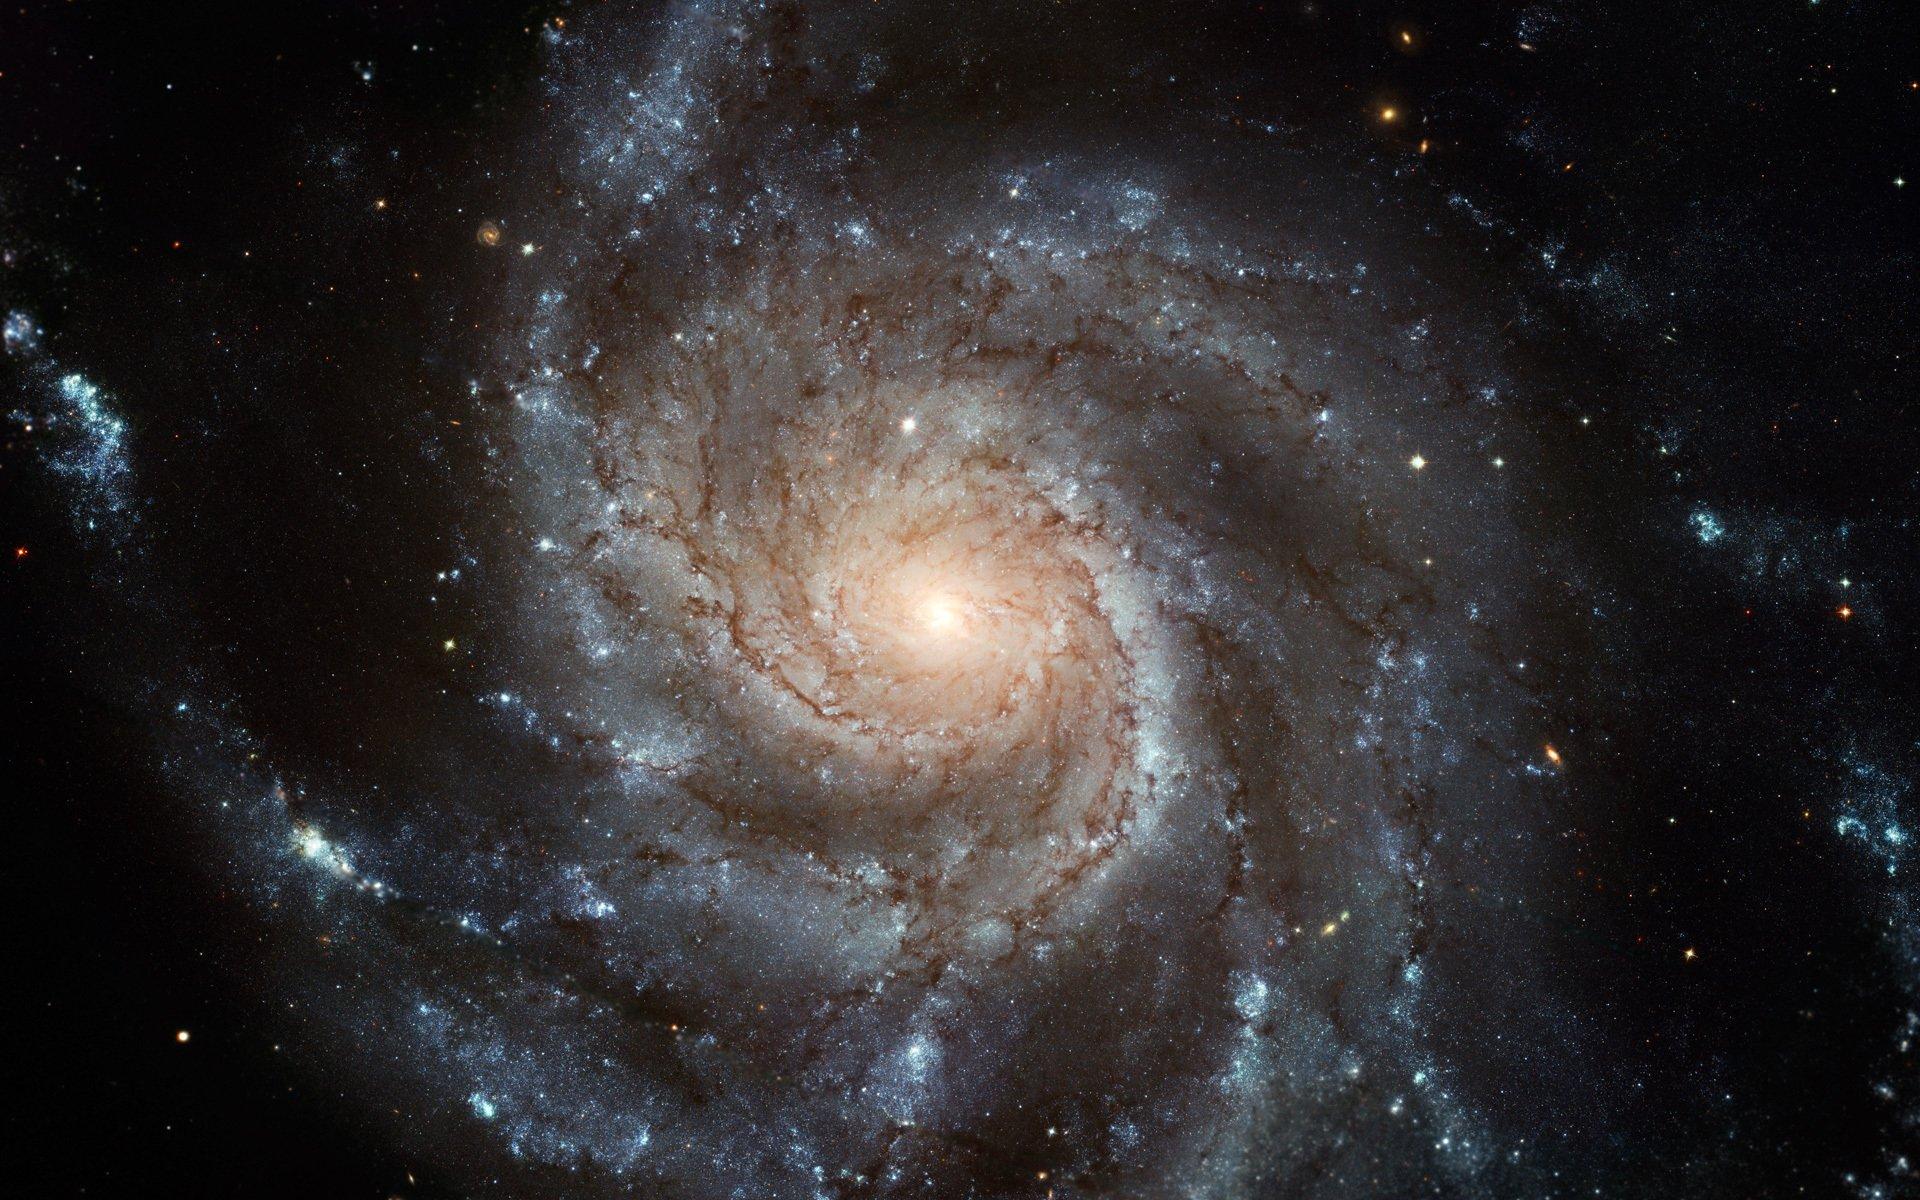 фото галактик в высоком качестве